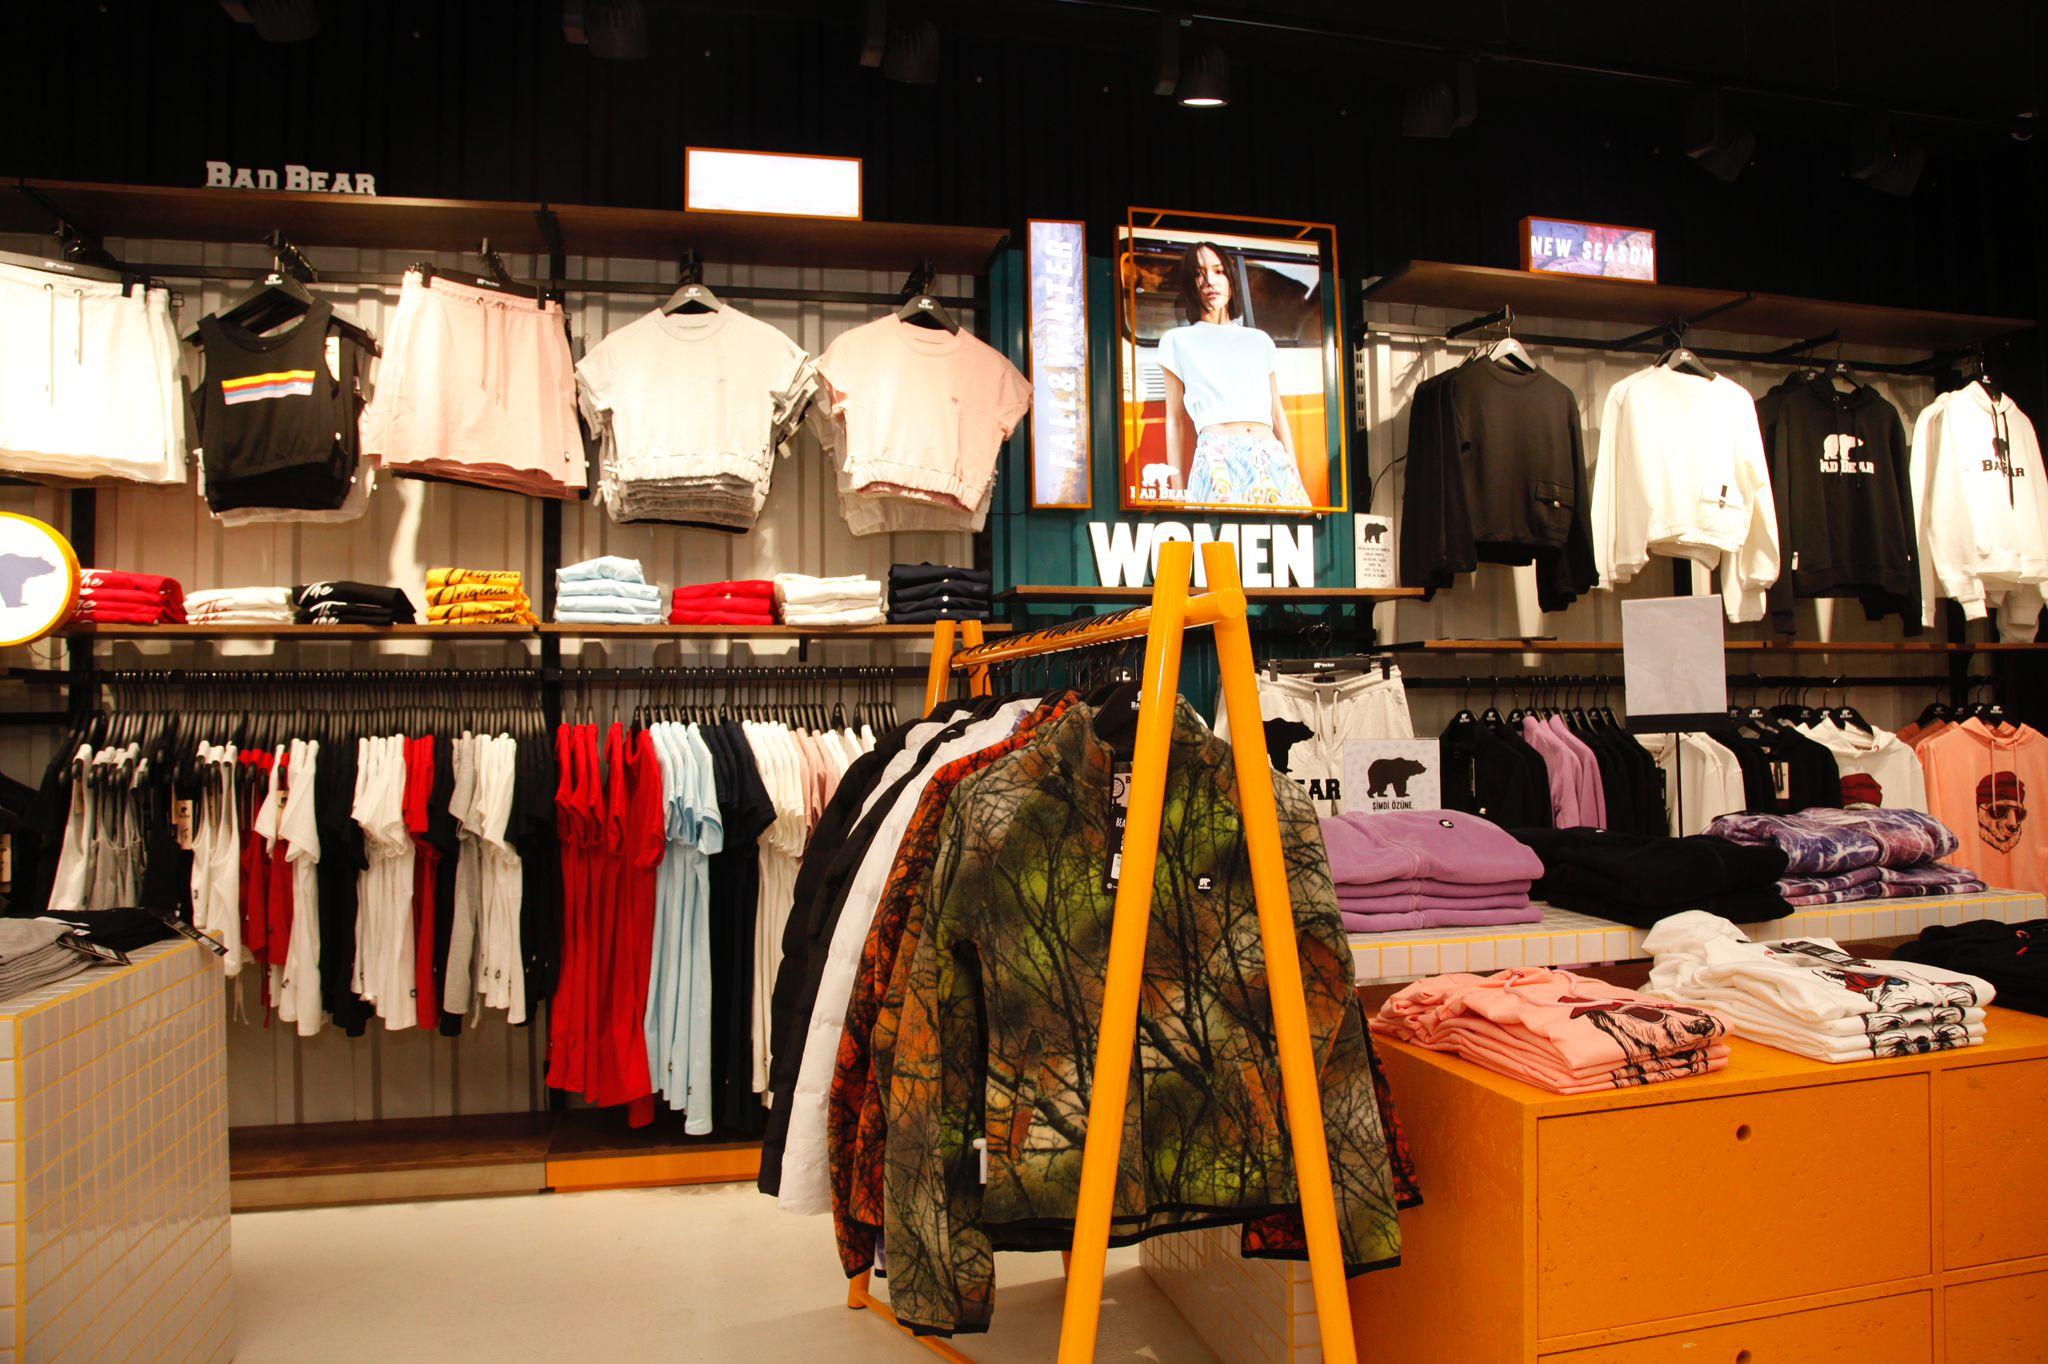 Bad Bear'ın ilk fiziksel mağazası Marmara Forum'da açıldı.